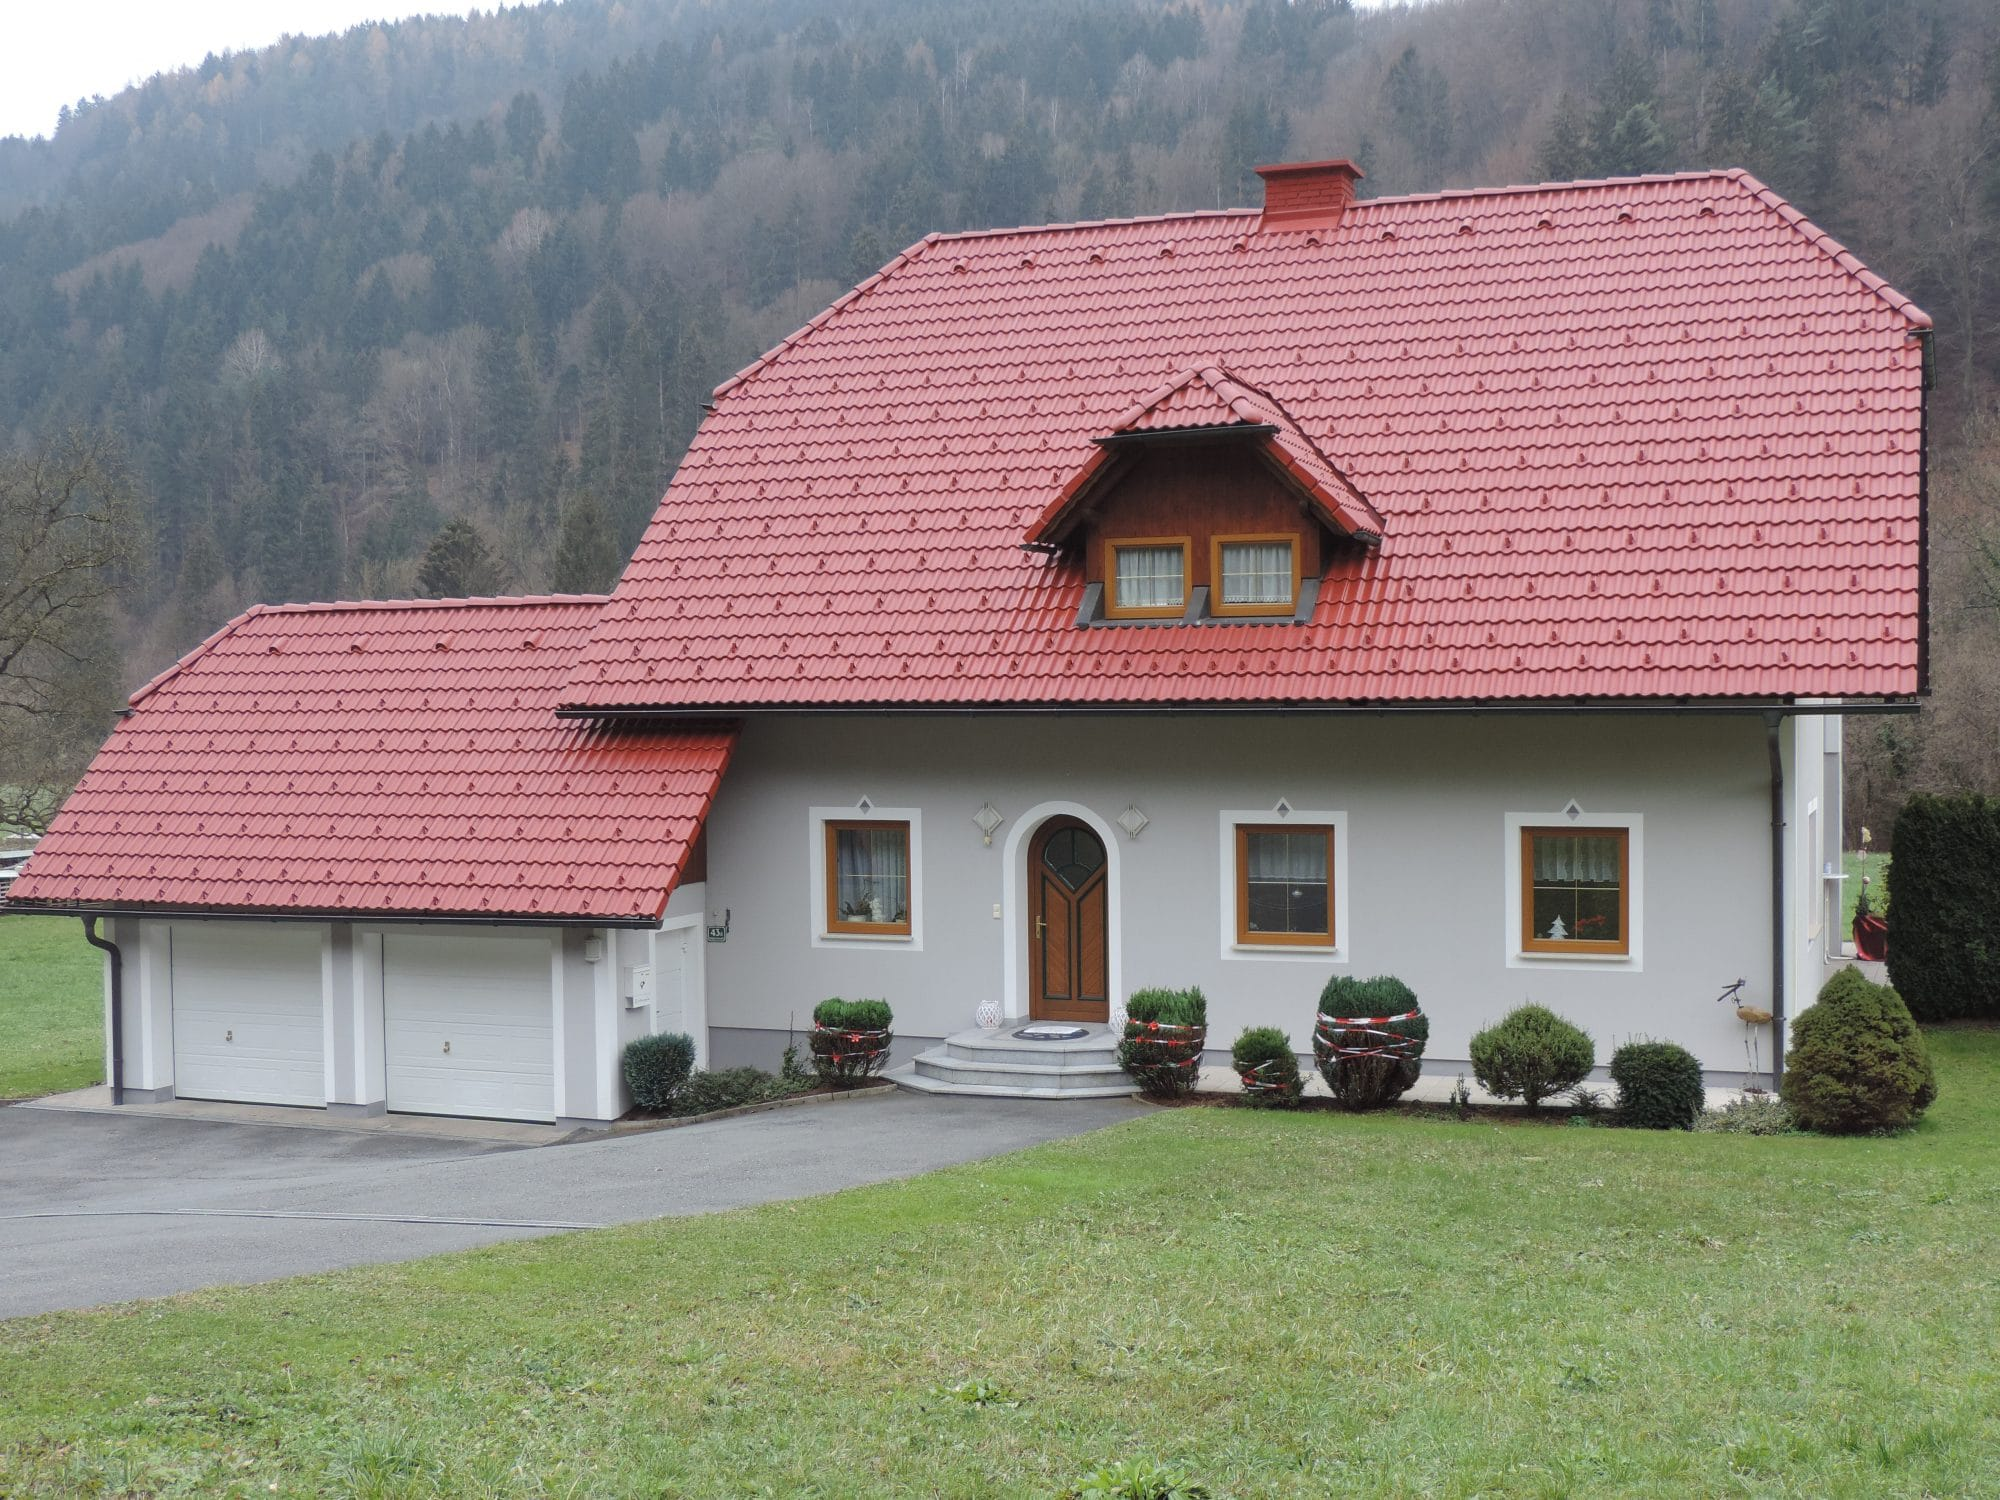 Teigitschgraben 2